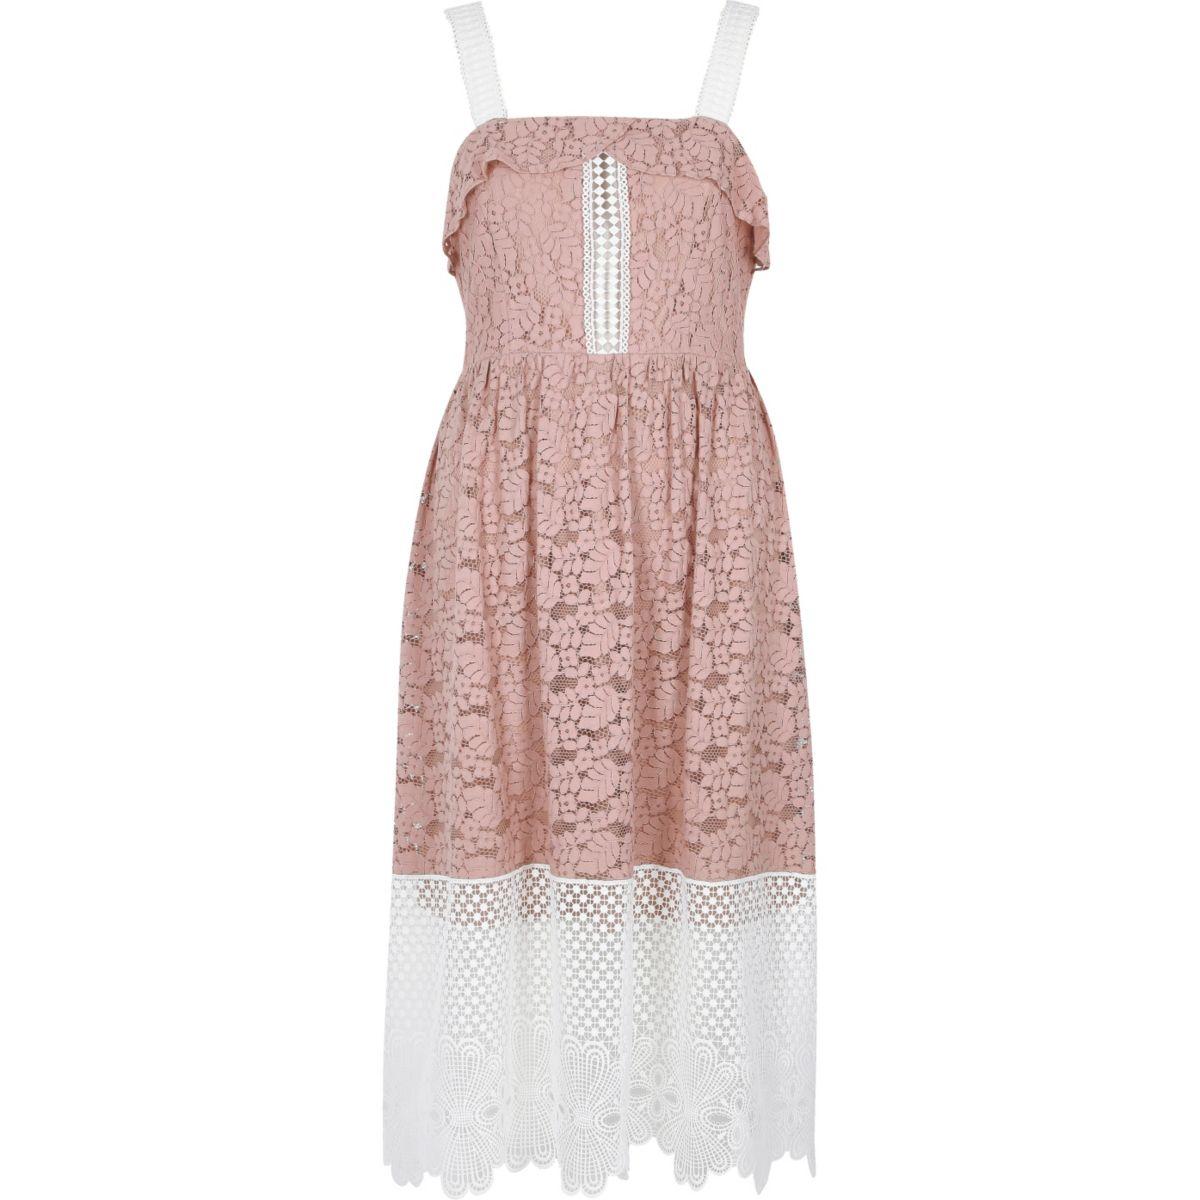 Light pink and white lace midi dress